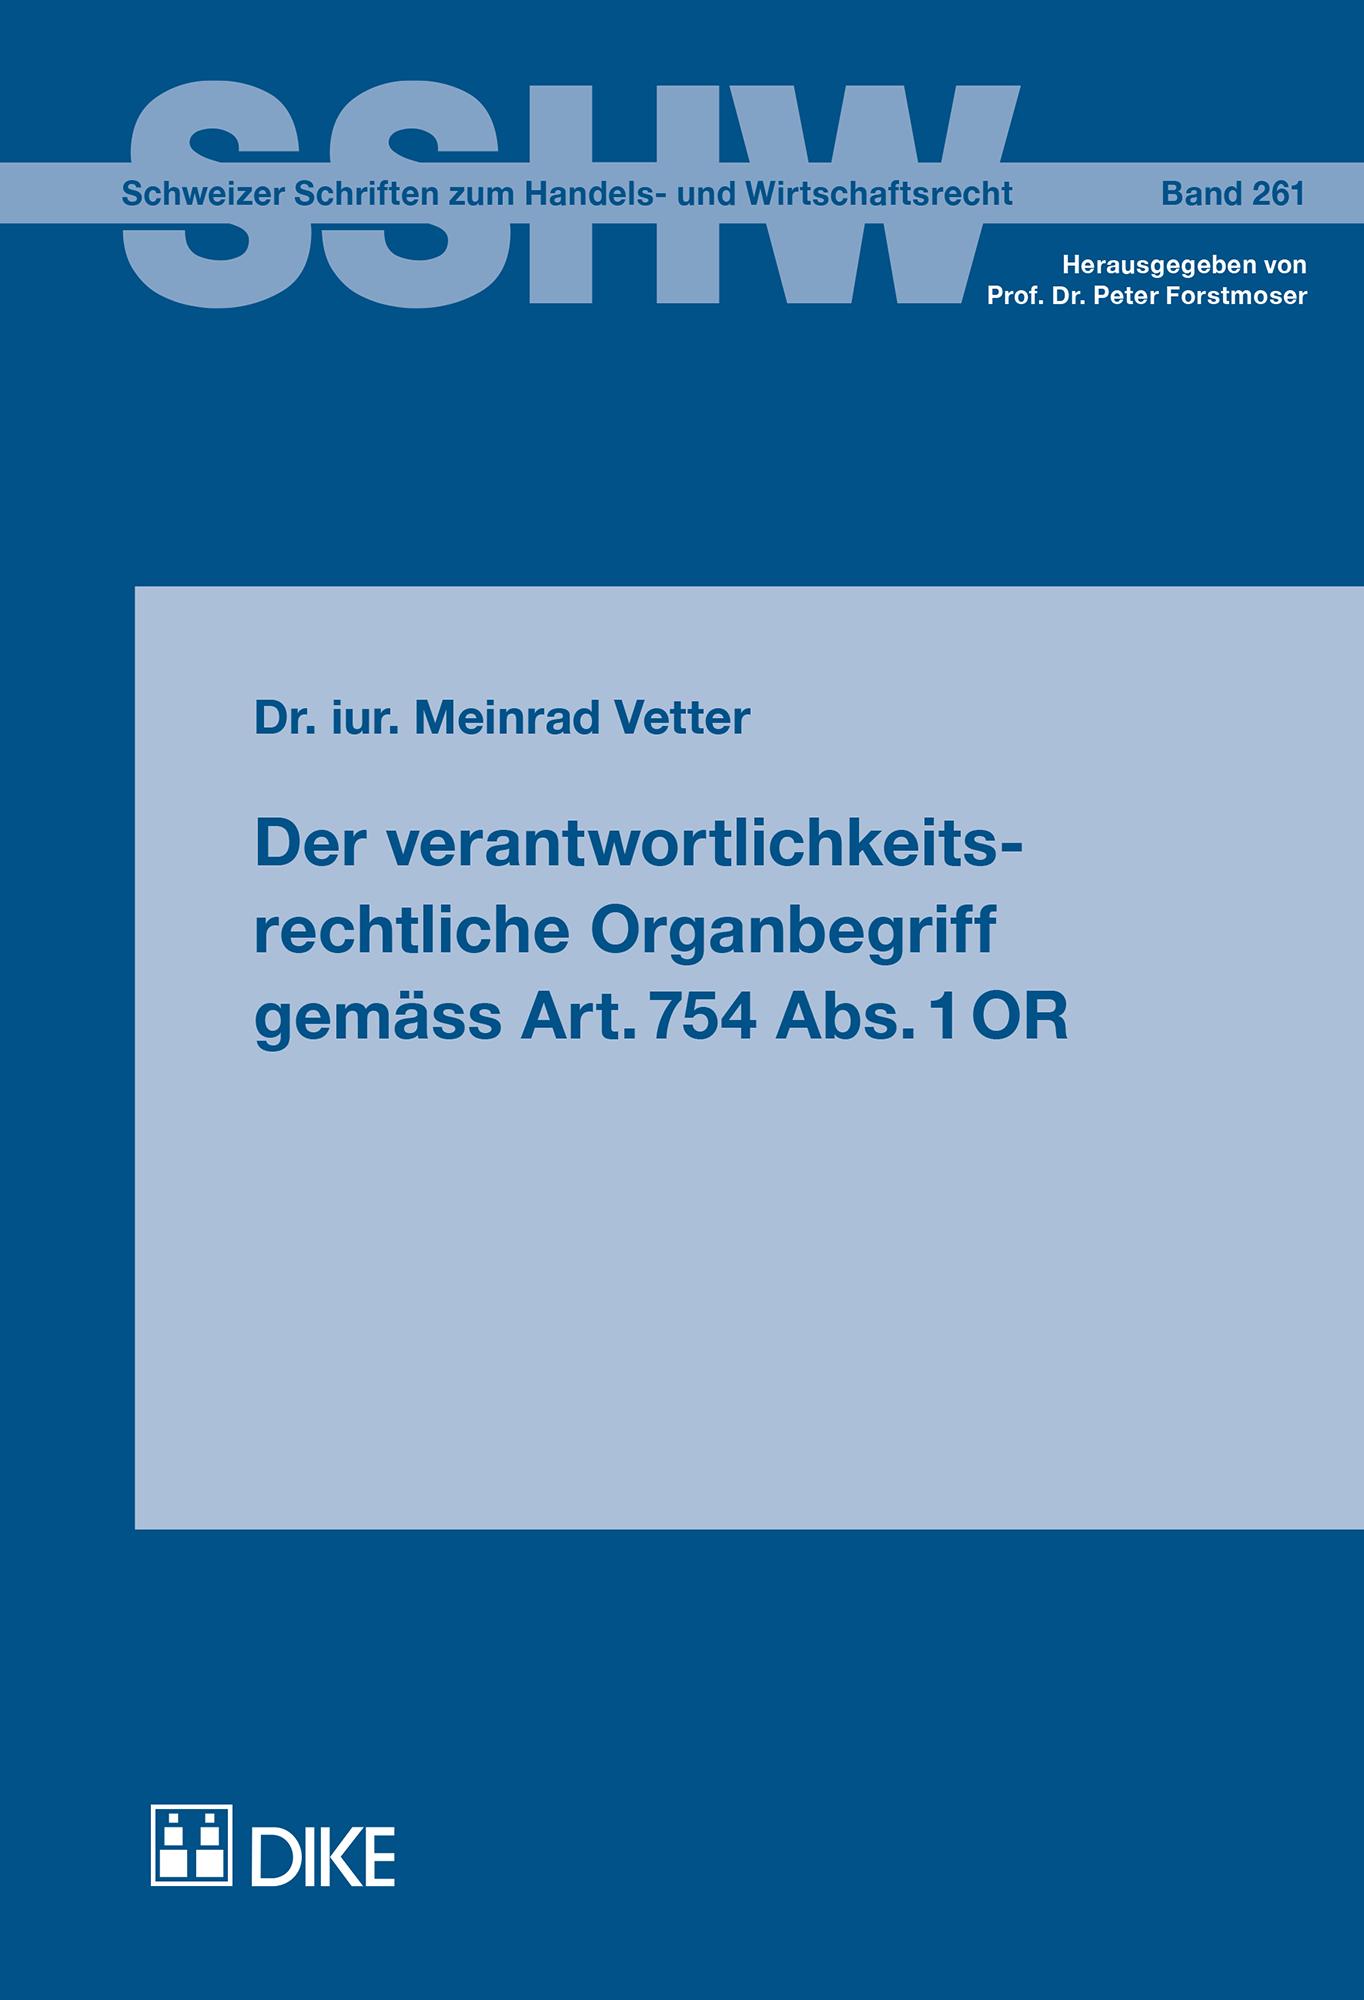 Der verantwortlichkeitsrechtliche Organbegriff gemäss Art. 754 Abs. 1 OR